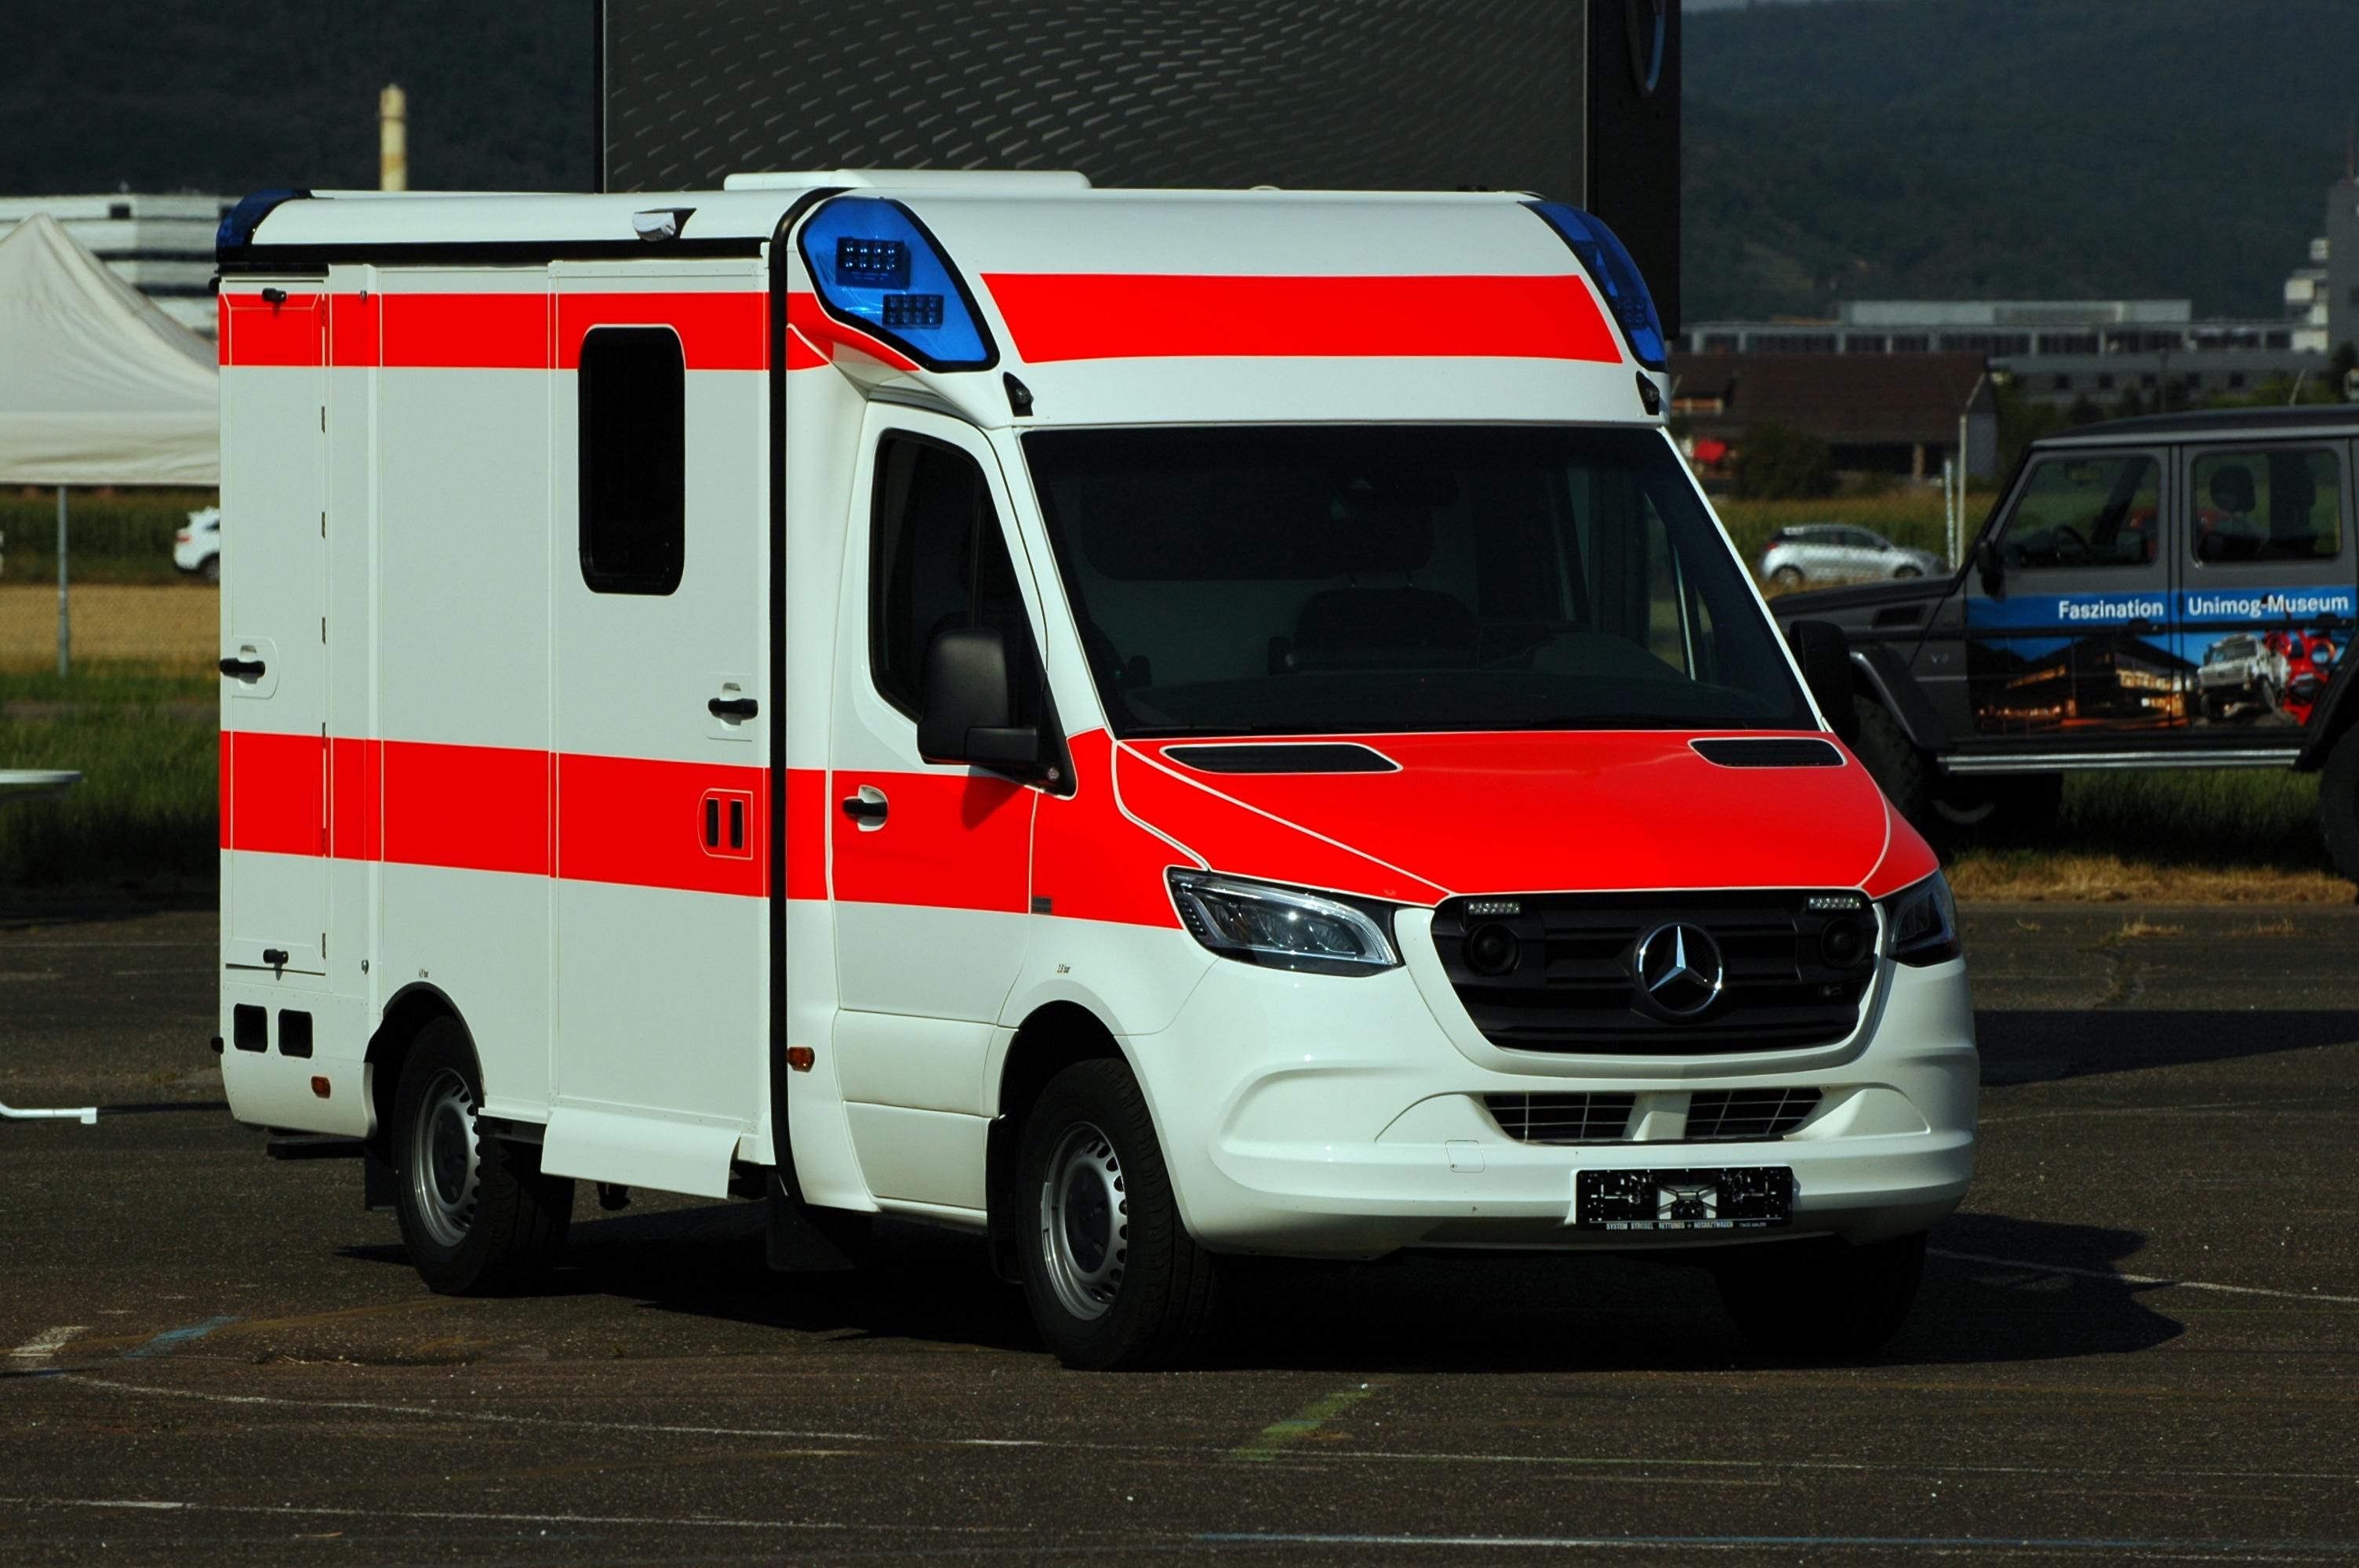 File:Heidelberg Airfield - Mercedes-Benz Sprinter - Ambulance - 2018